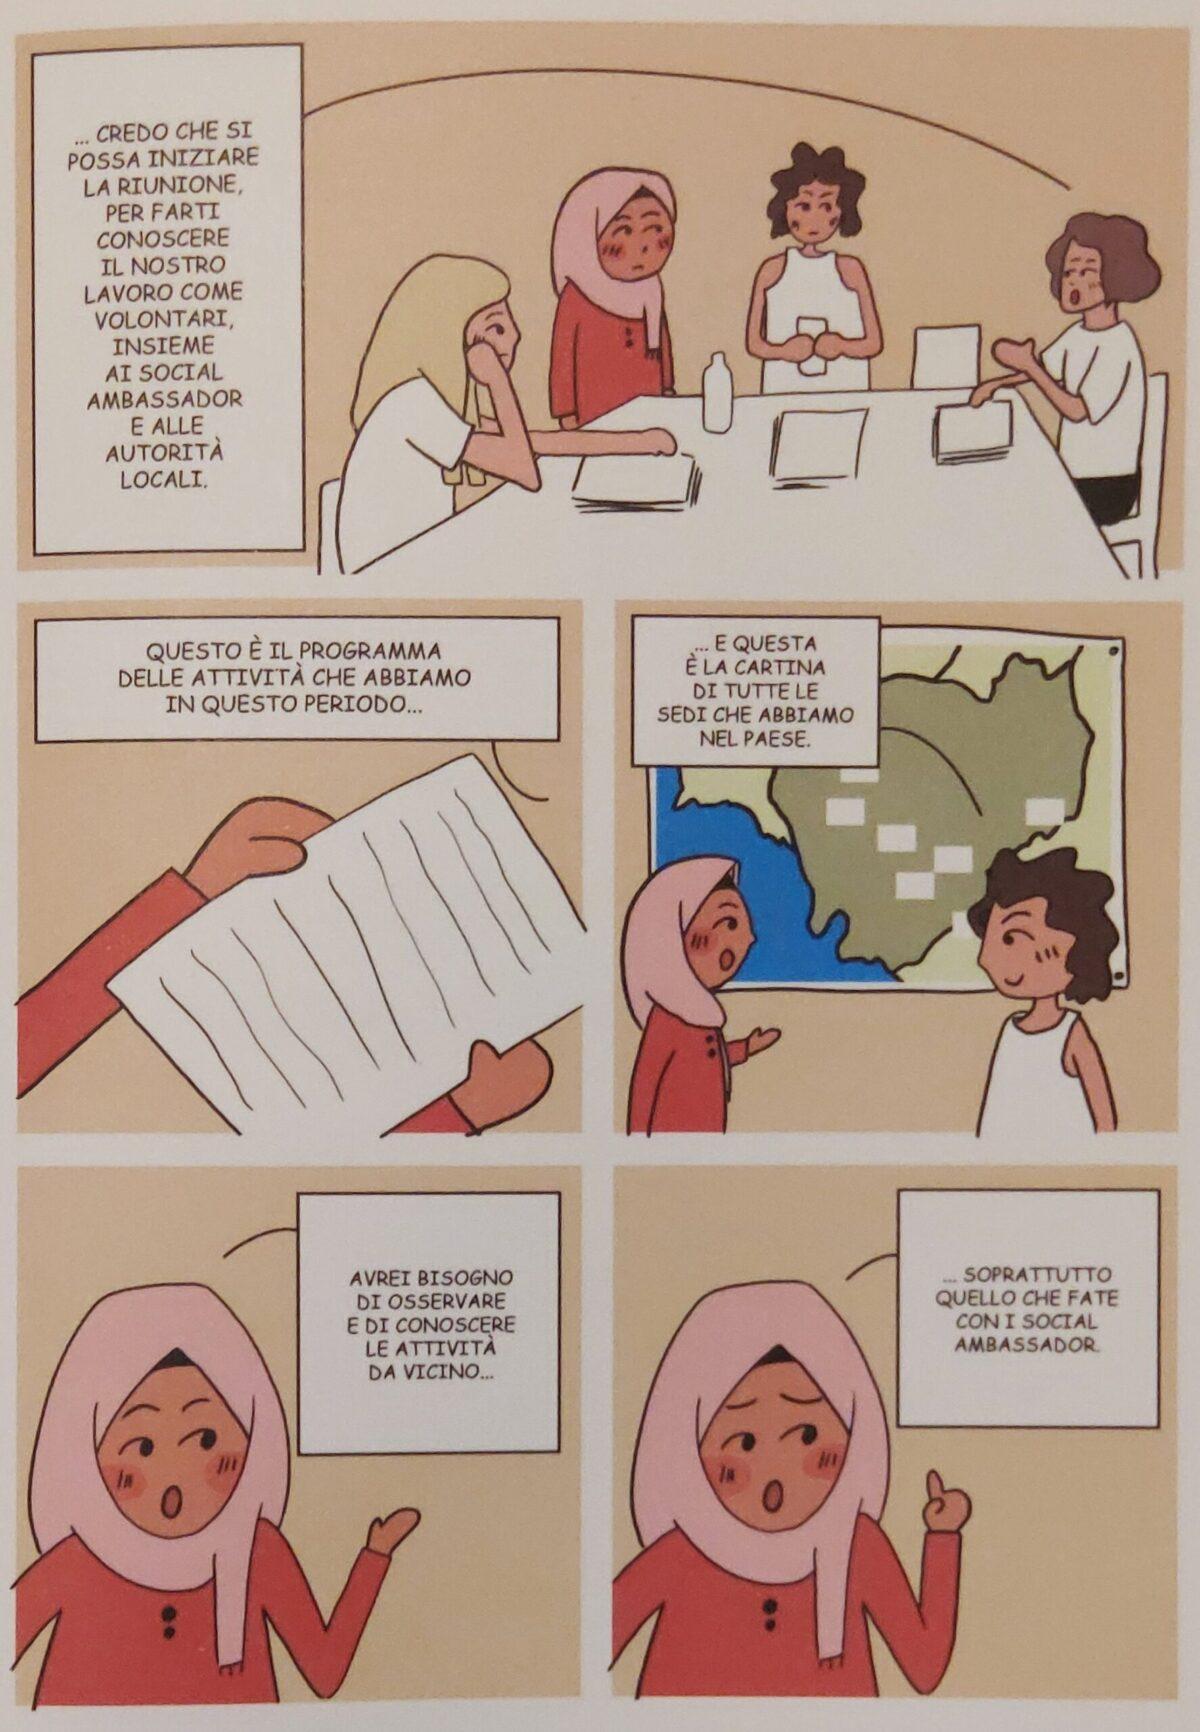 Mio caro fumetto... - Takoua Ben Mohamed nella sede operativa di WeWorld. dalla sua esperienza nascerà Un'altra via per la Cambogia